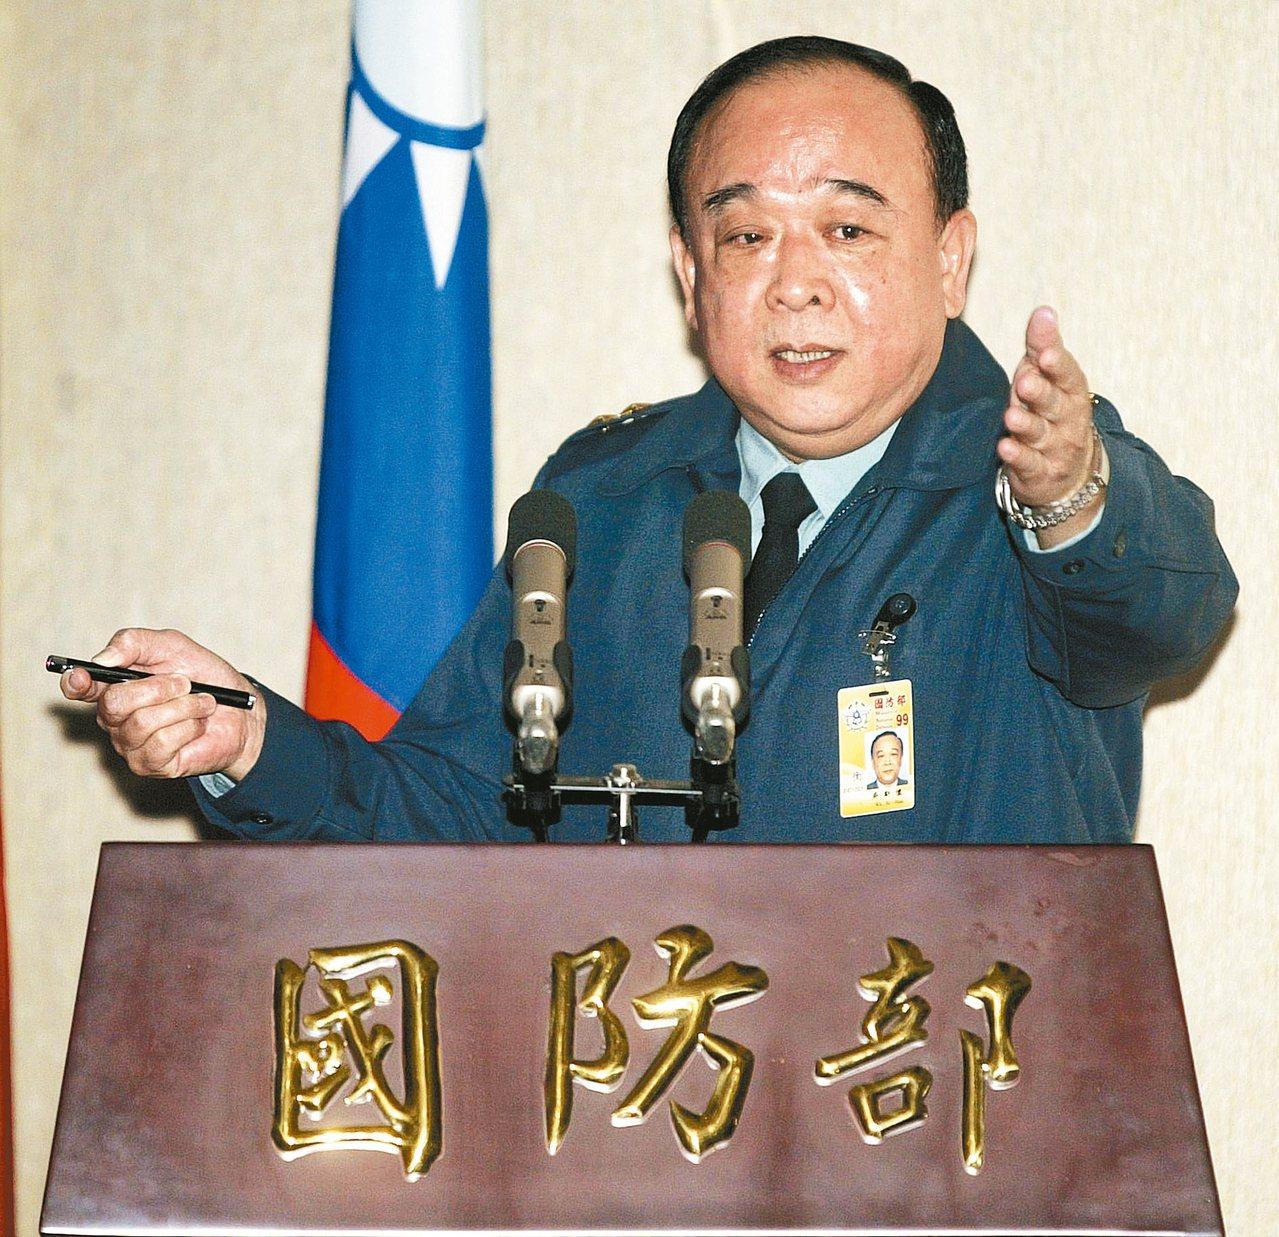 退役中將吳斯懷表示,監督年金改革聯盟自2月21日起,推出「八百壯士捍衛權益」行動...